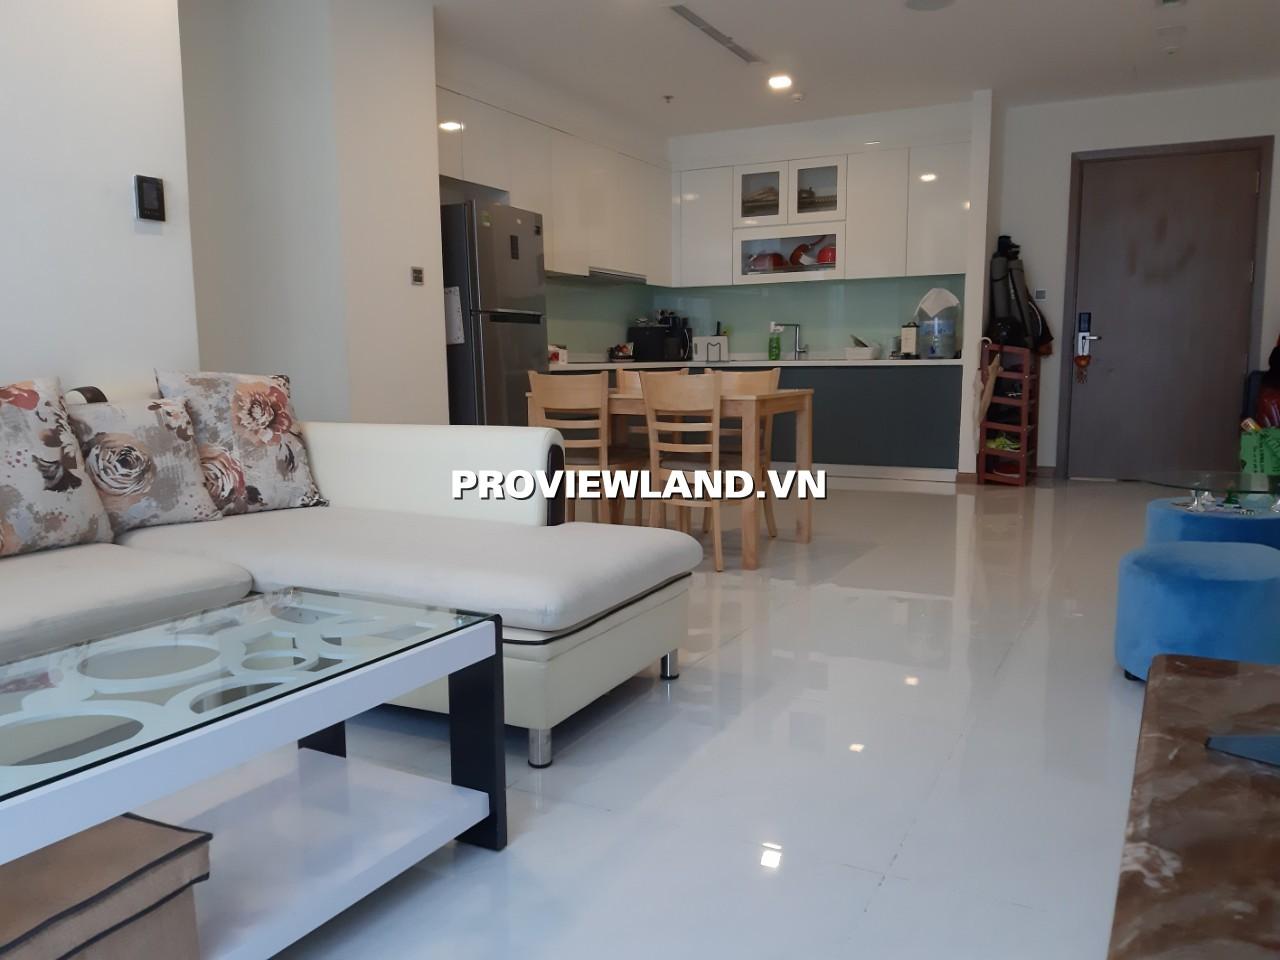 Cho thuê căn hộ Vinhomes Central Park Landmark 6 2 phòng ngủ view thành phố